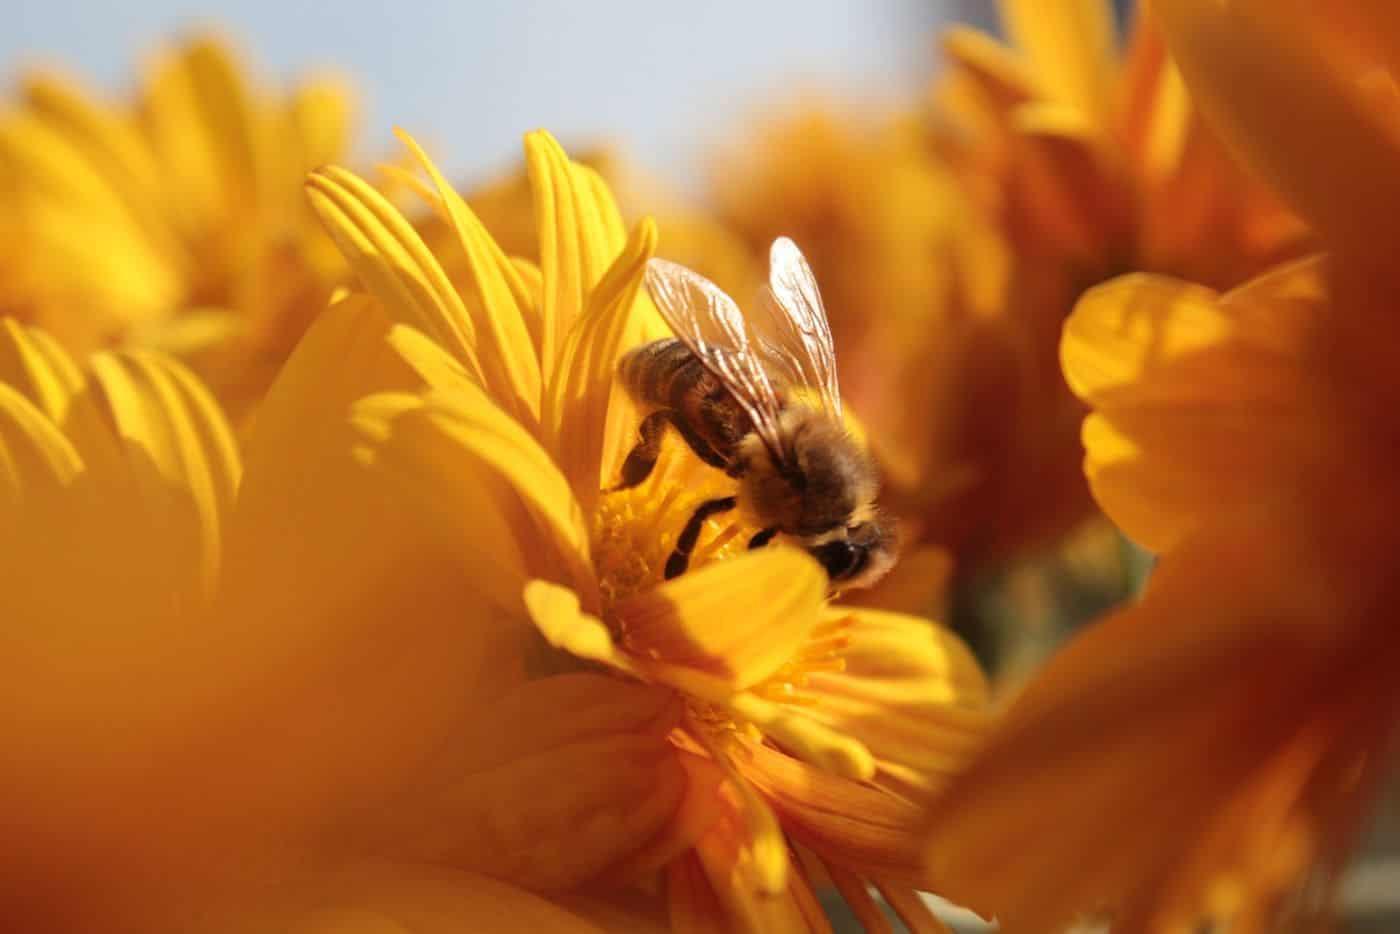 giveactions-soutenir-gratuit-projets-environnement-ecologie-biodiversité-application-gratuite-free-spirited